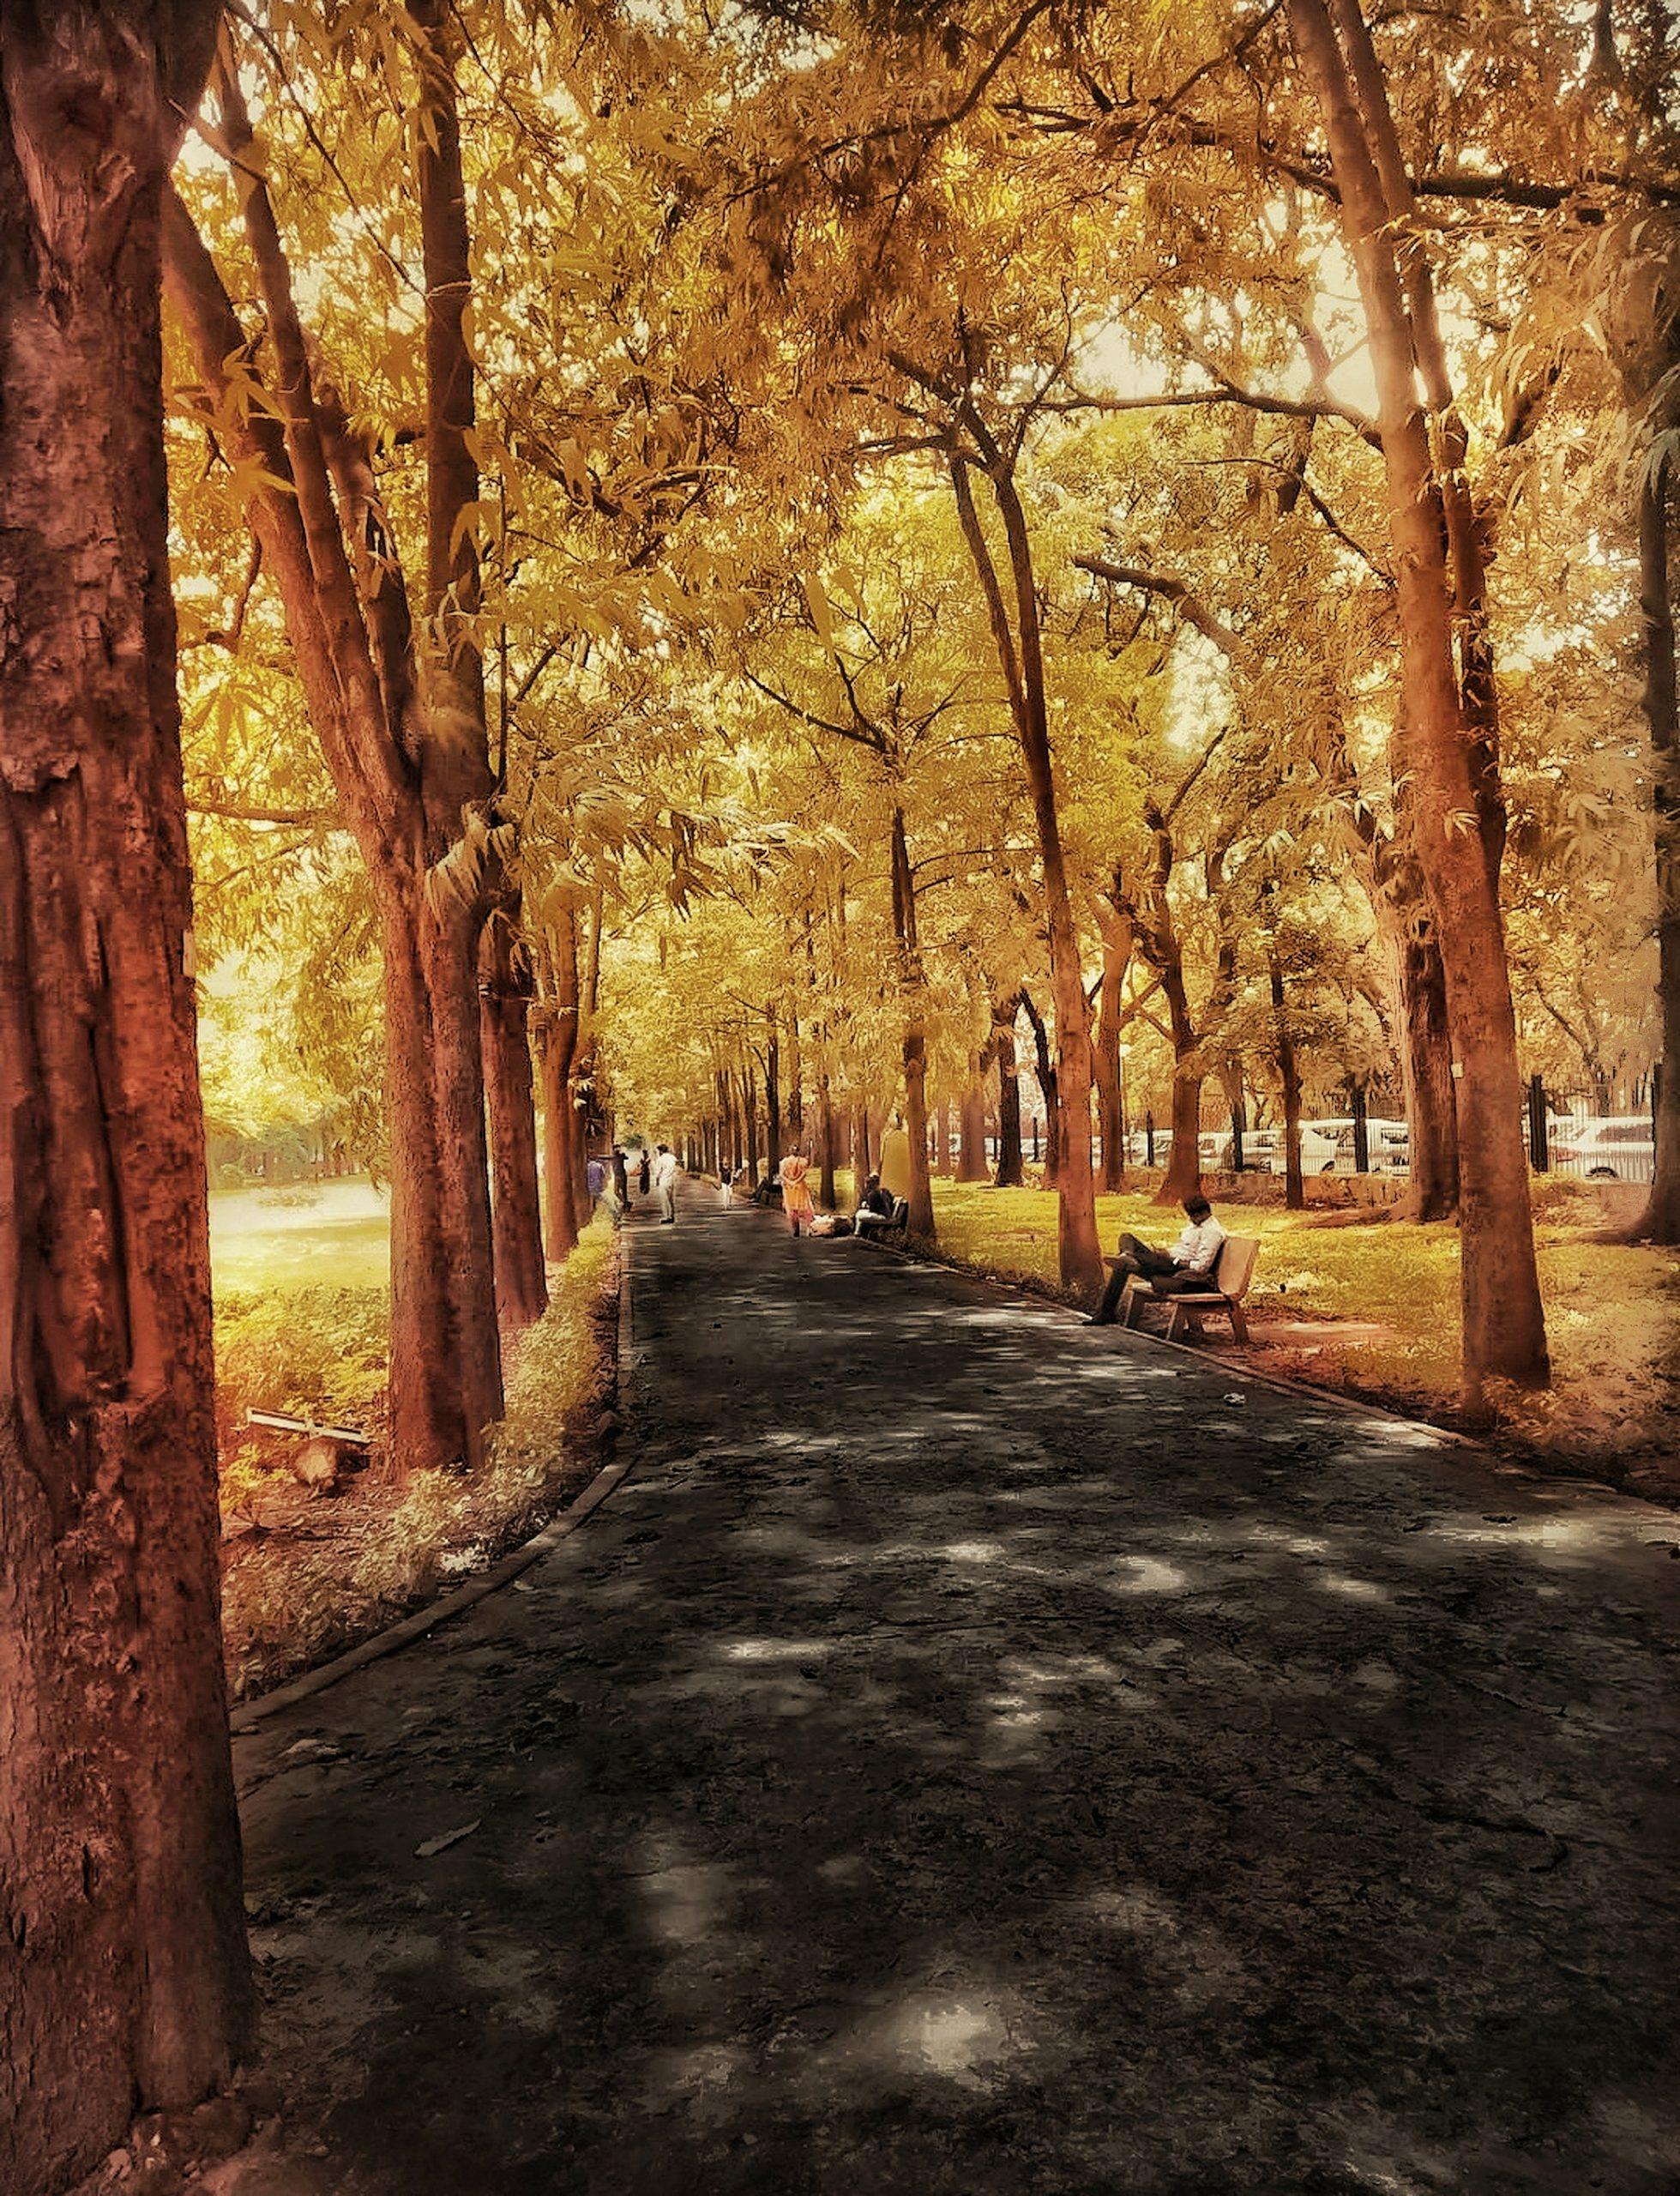 jogging track at a park